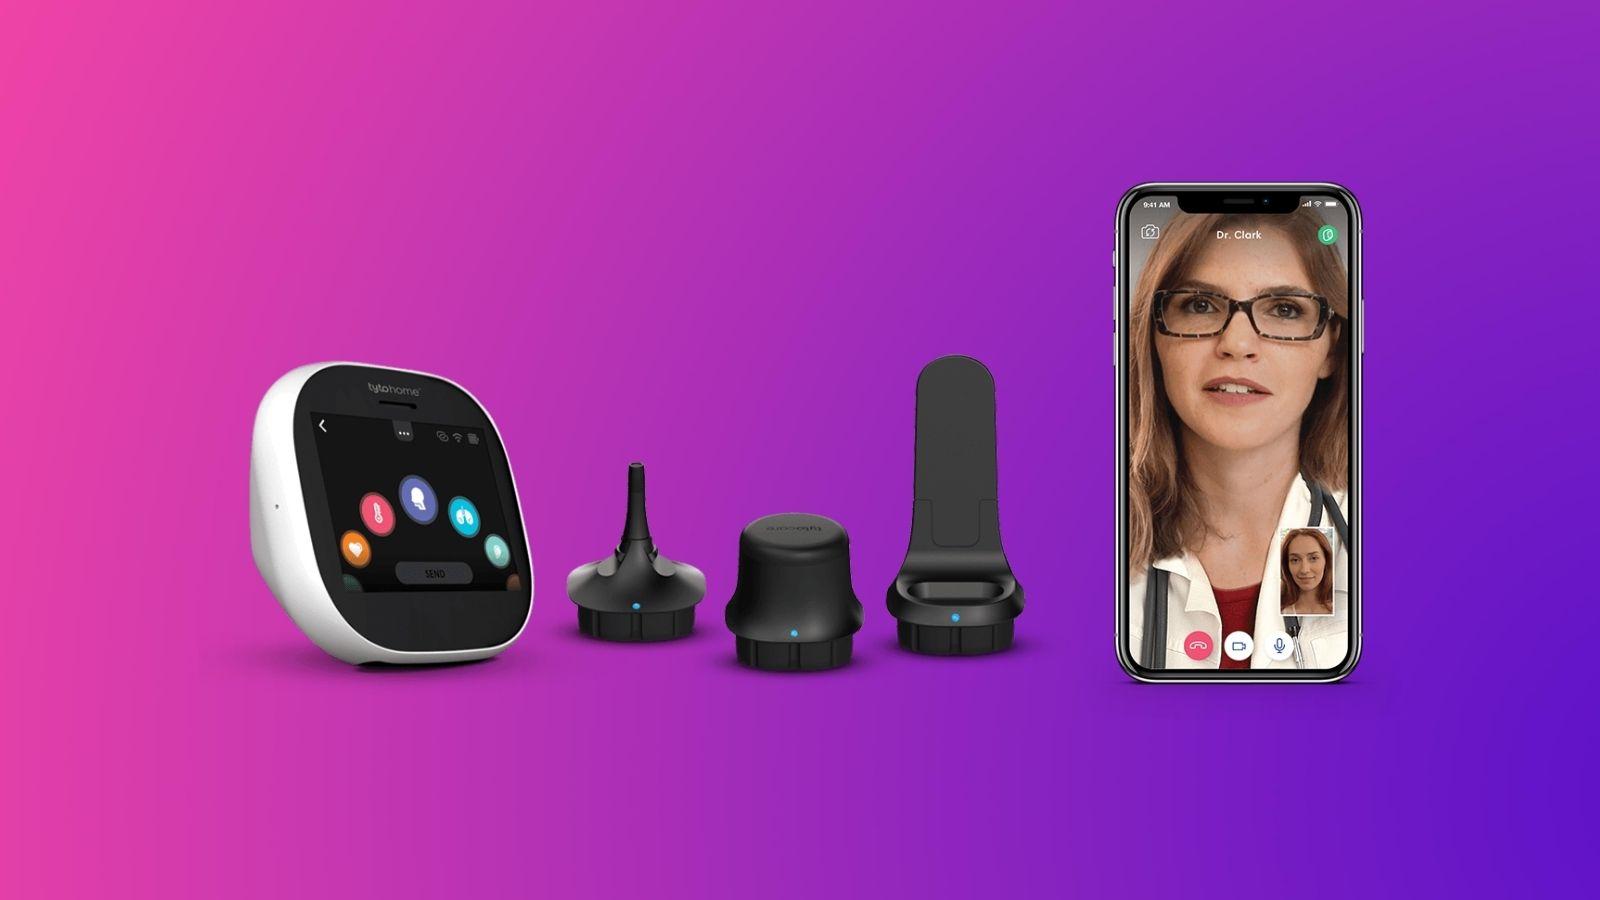 Destaque gadget telemedicina